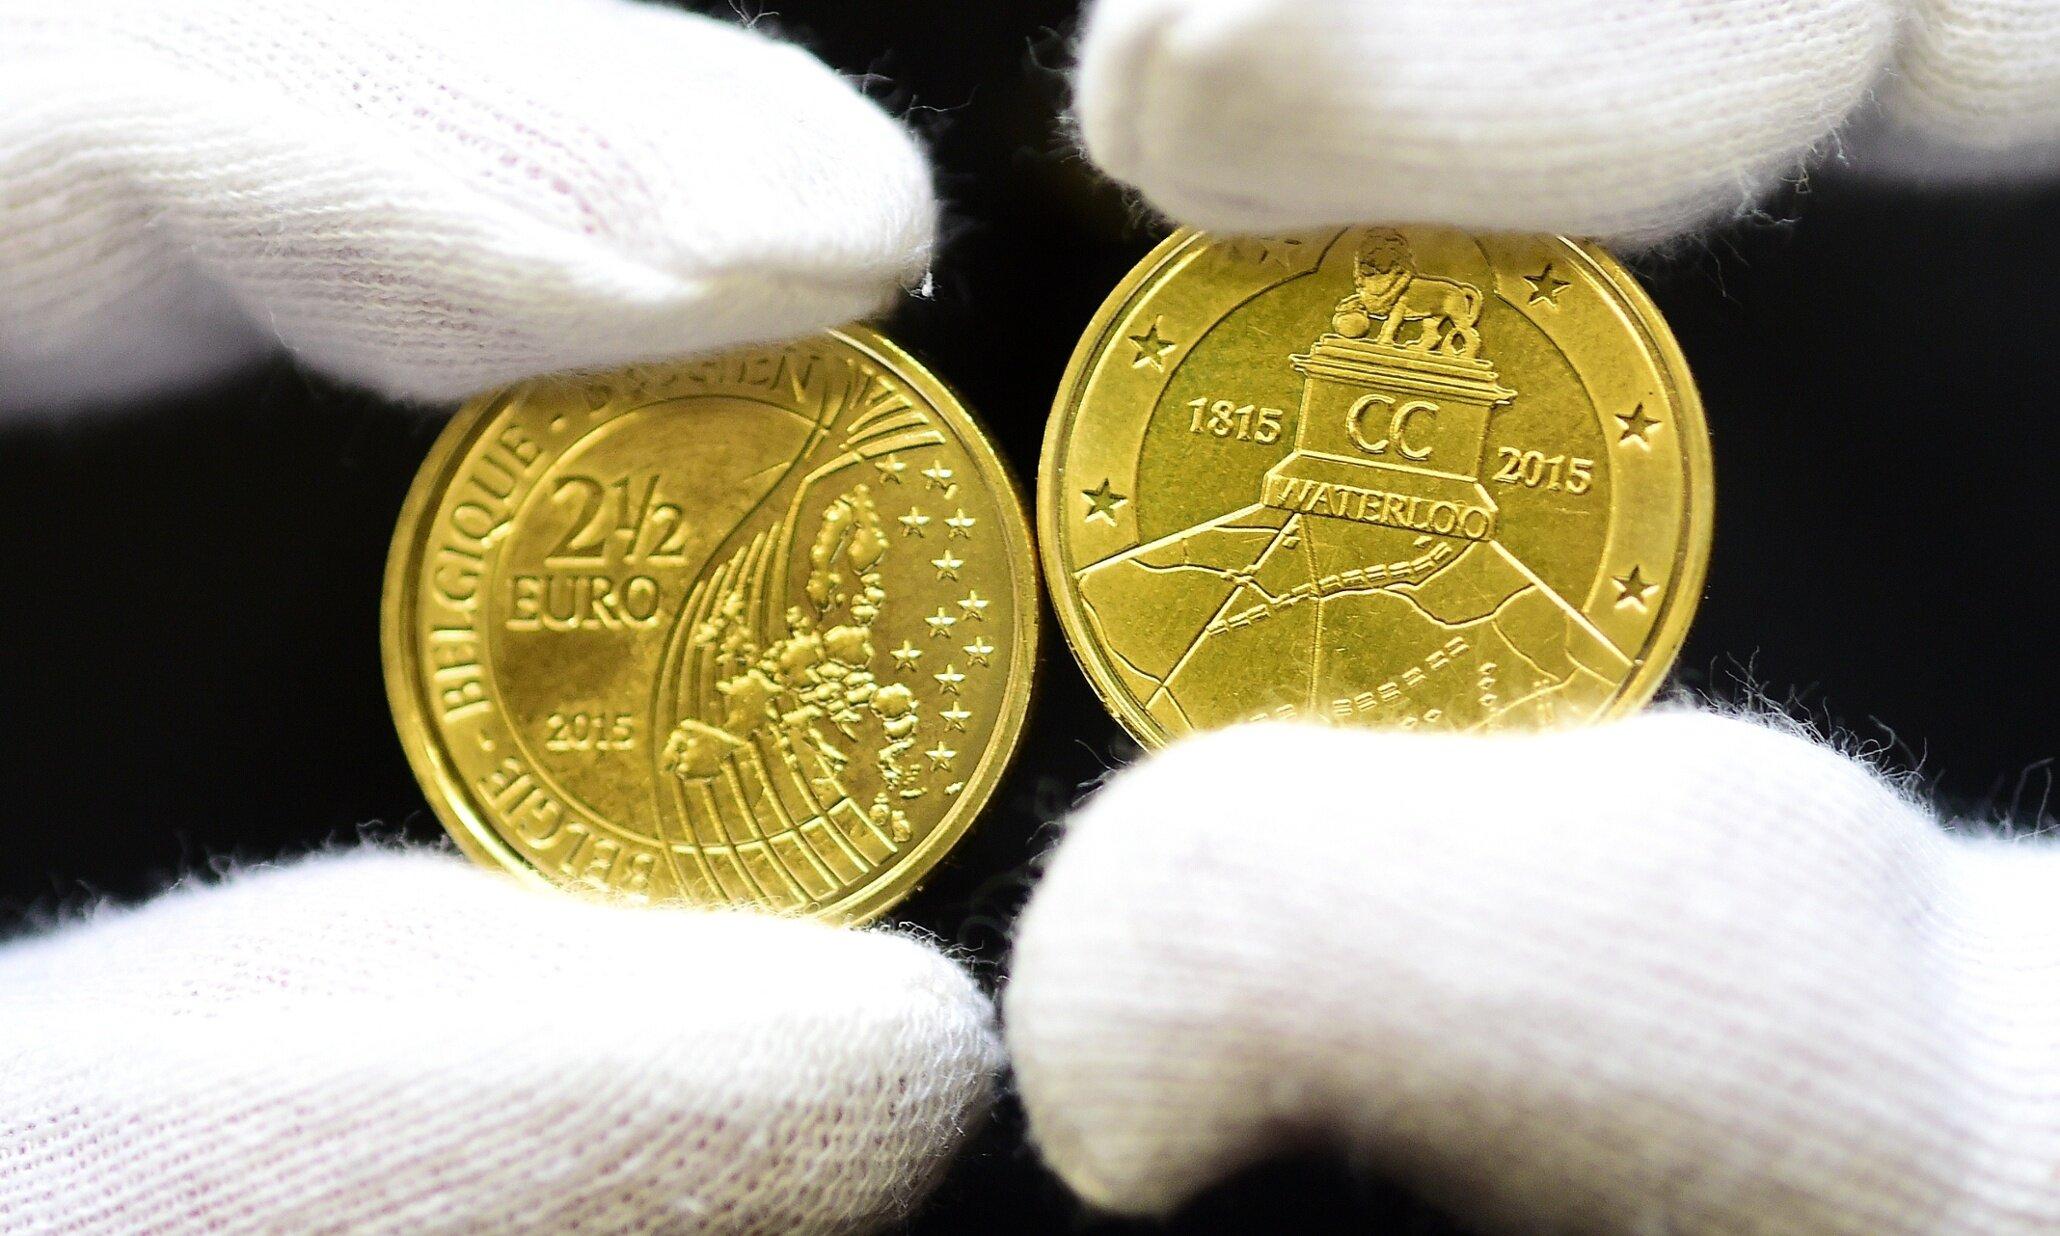 Belgium 2.5 Euro Coin